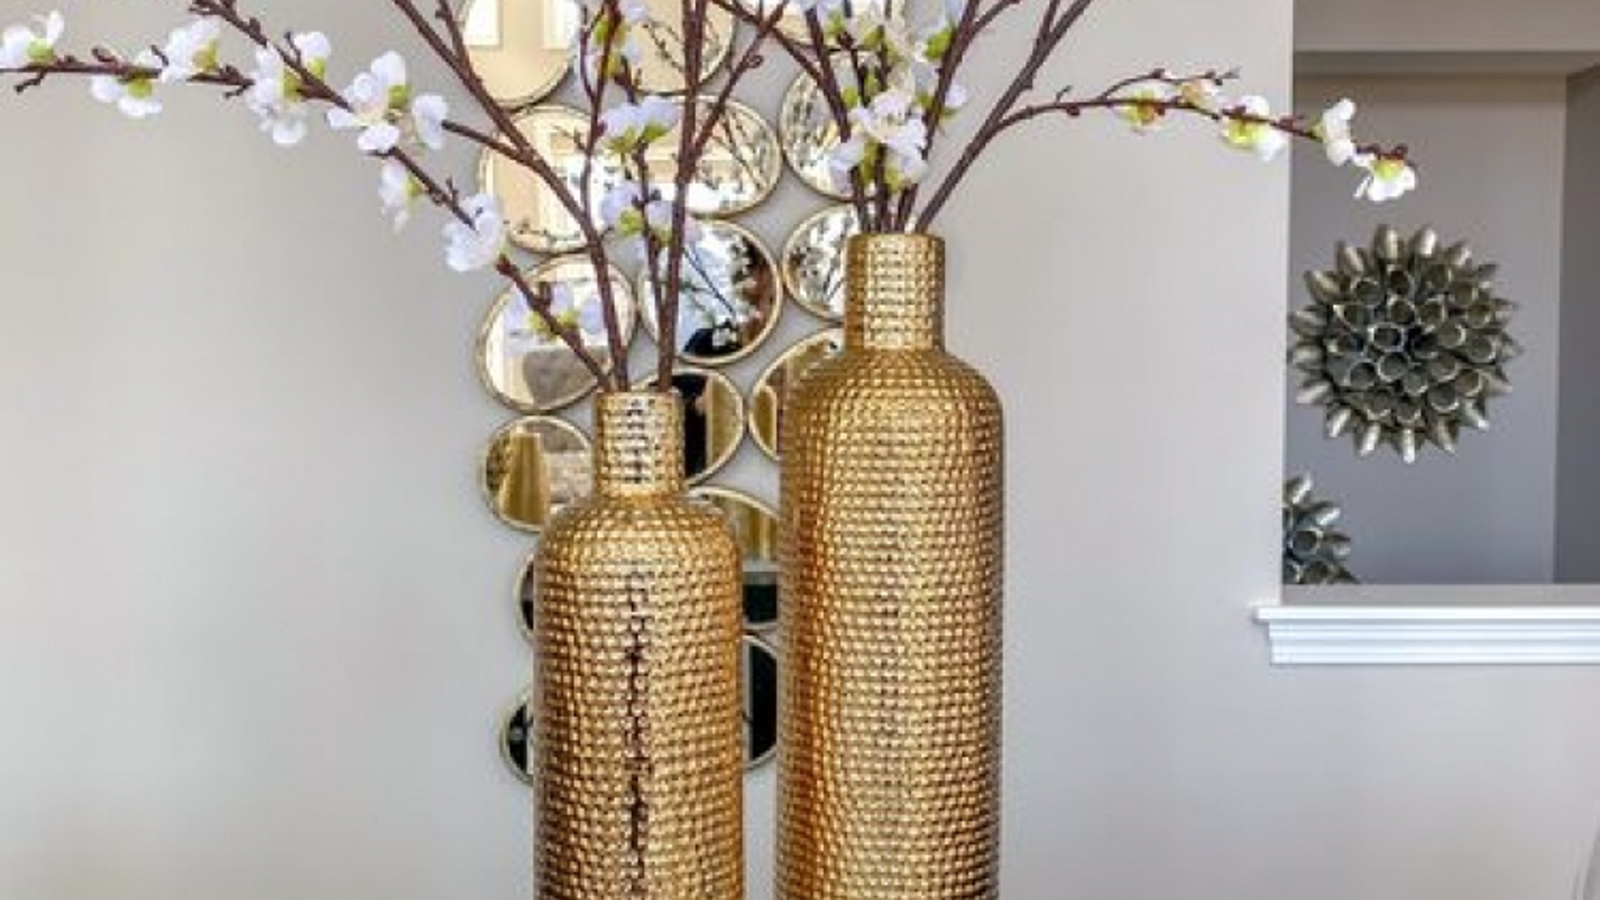 Ý tưởng trang trí nhà độc đáo với bình hoa cao cổ